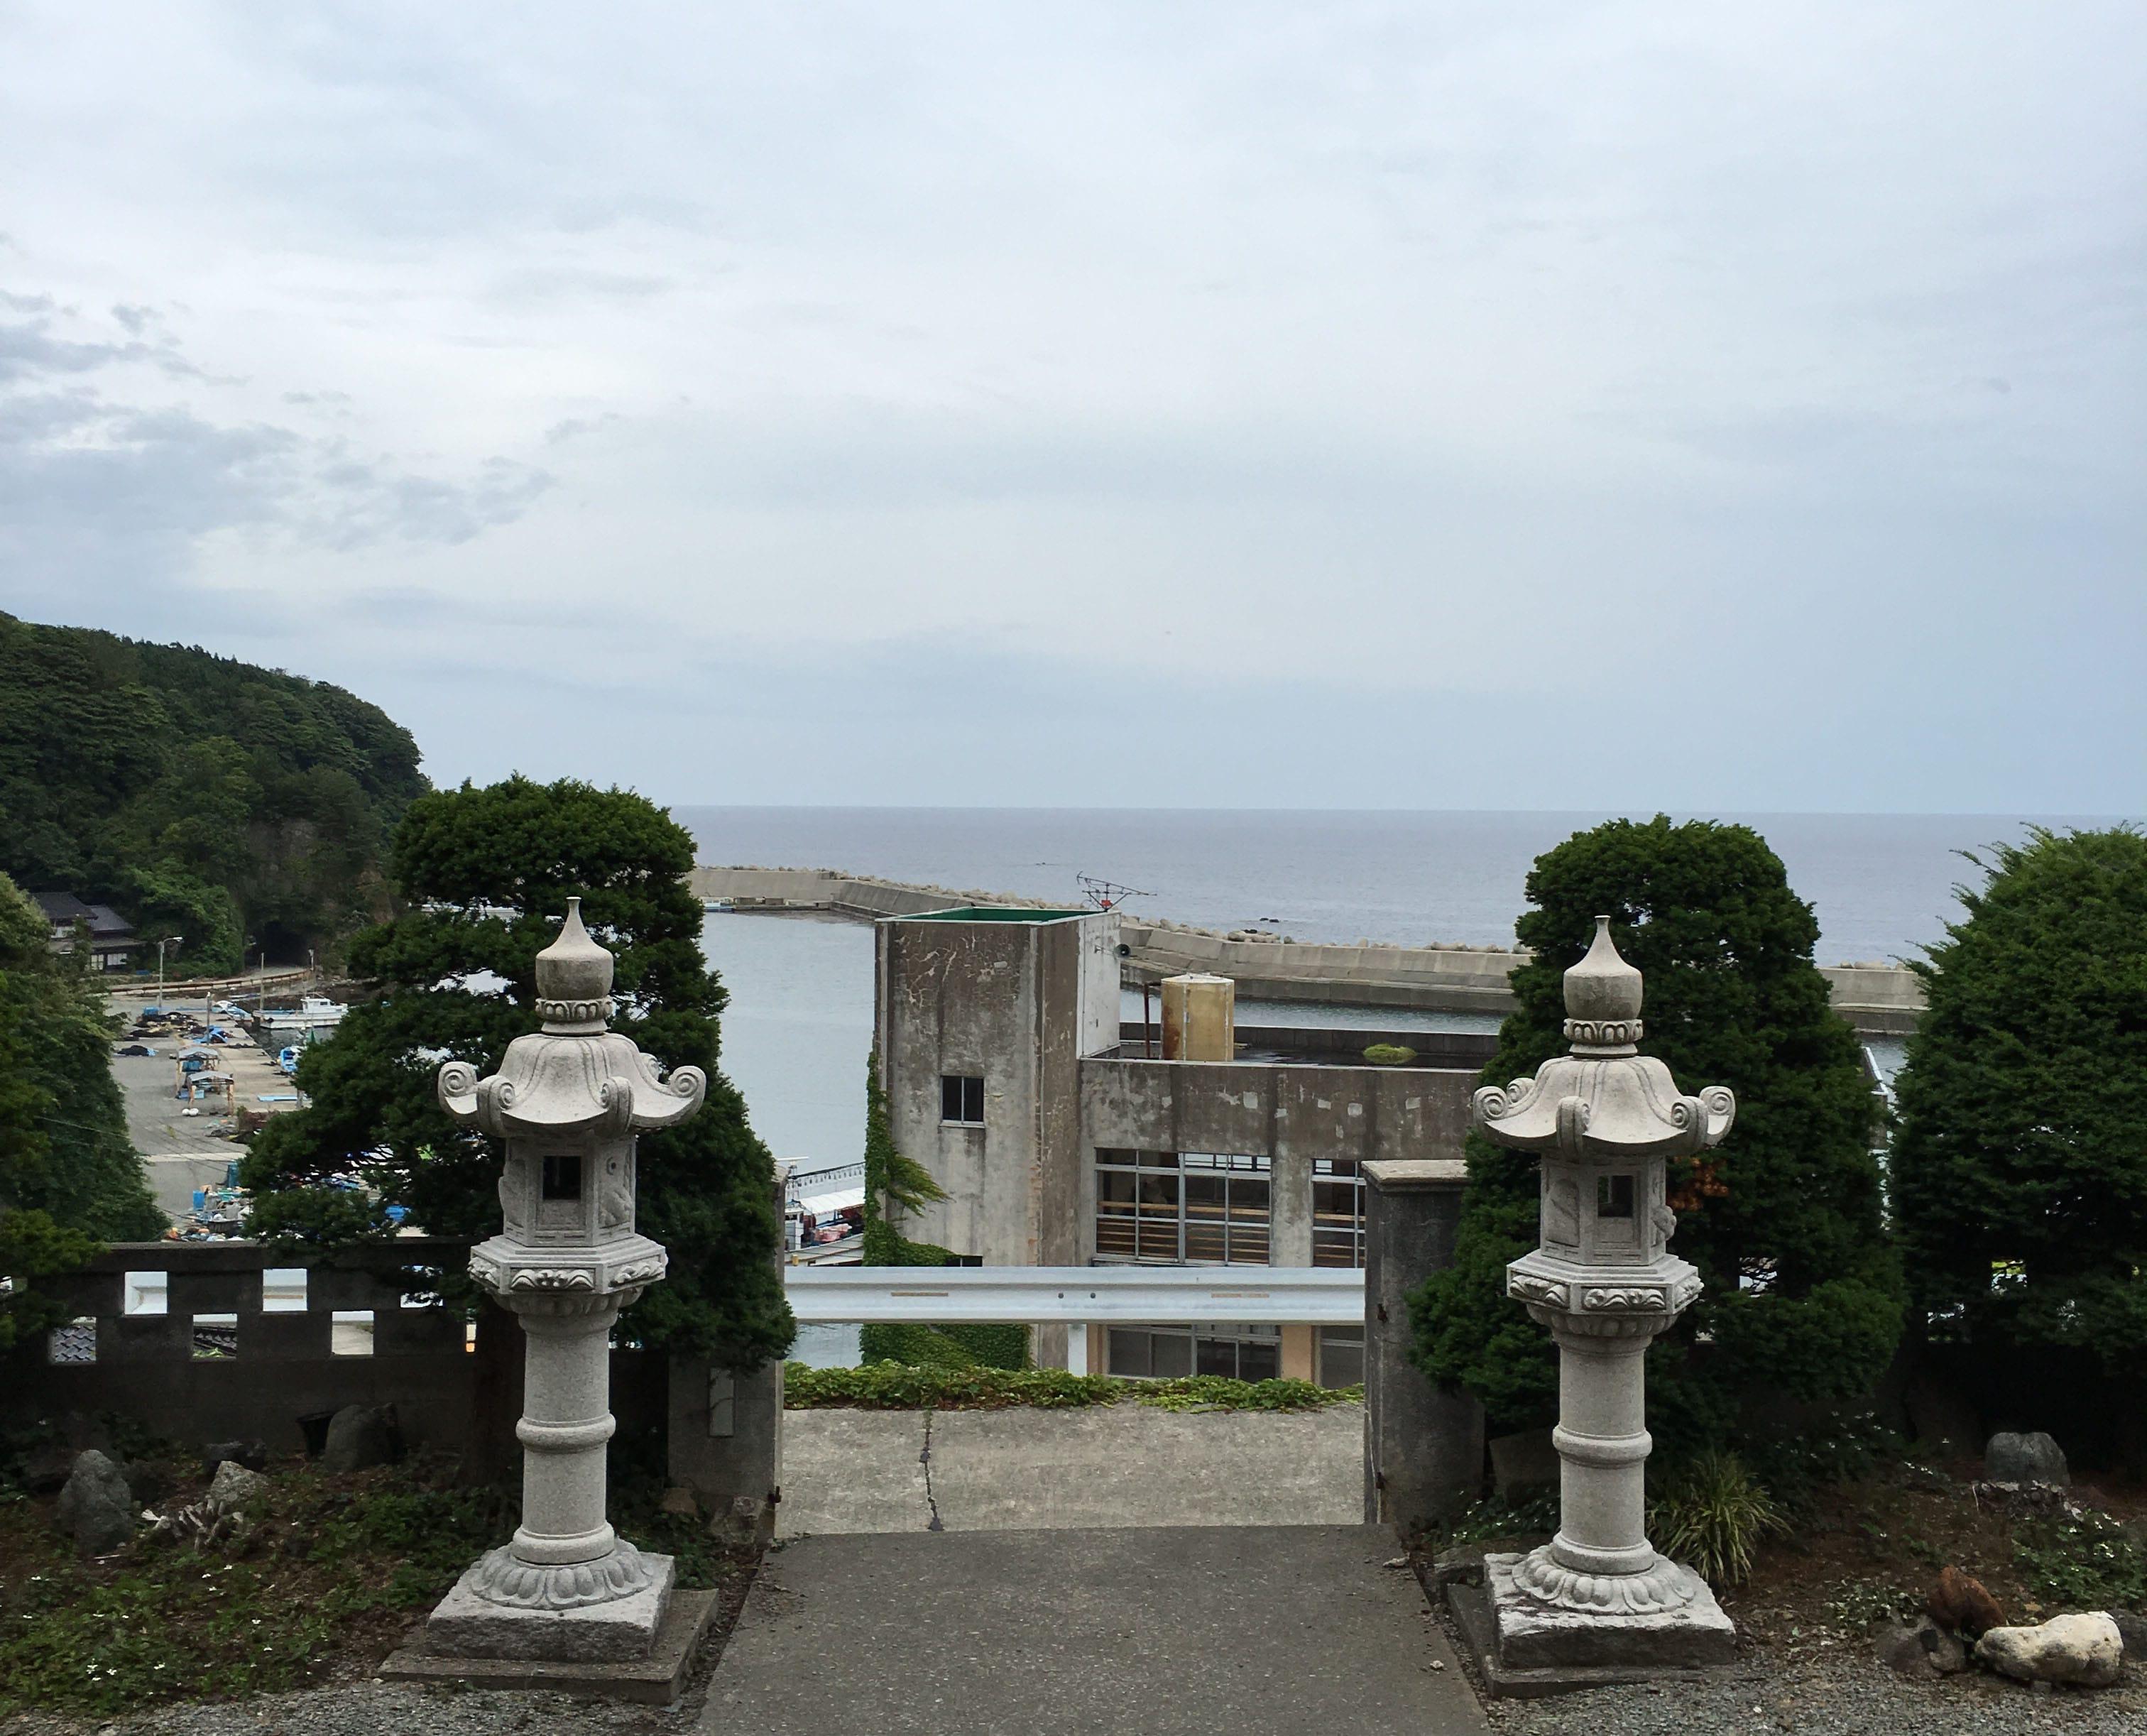 梶井照陰さんのお寺。佐渡の北端、鷲崎という地域にある。天気がいいと海の向こうに、山形県の鳥海山が見えるという。